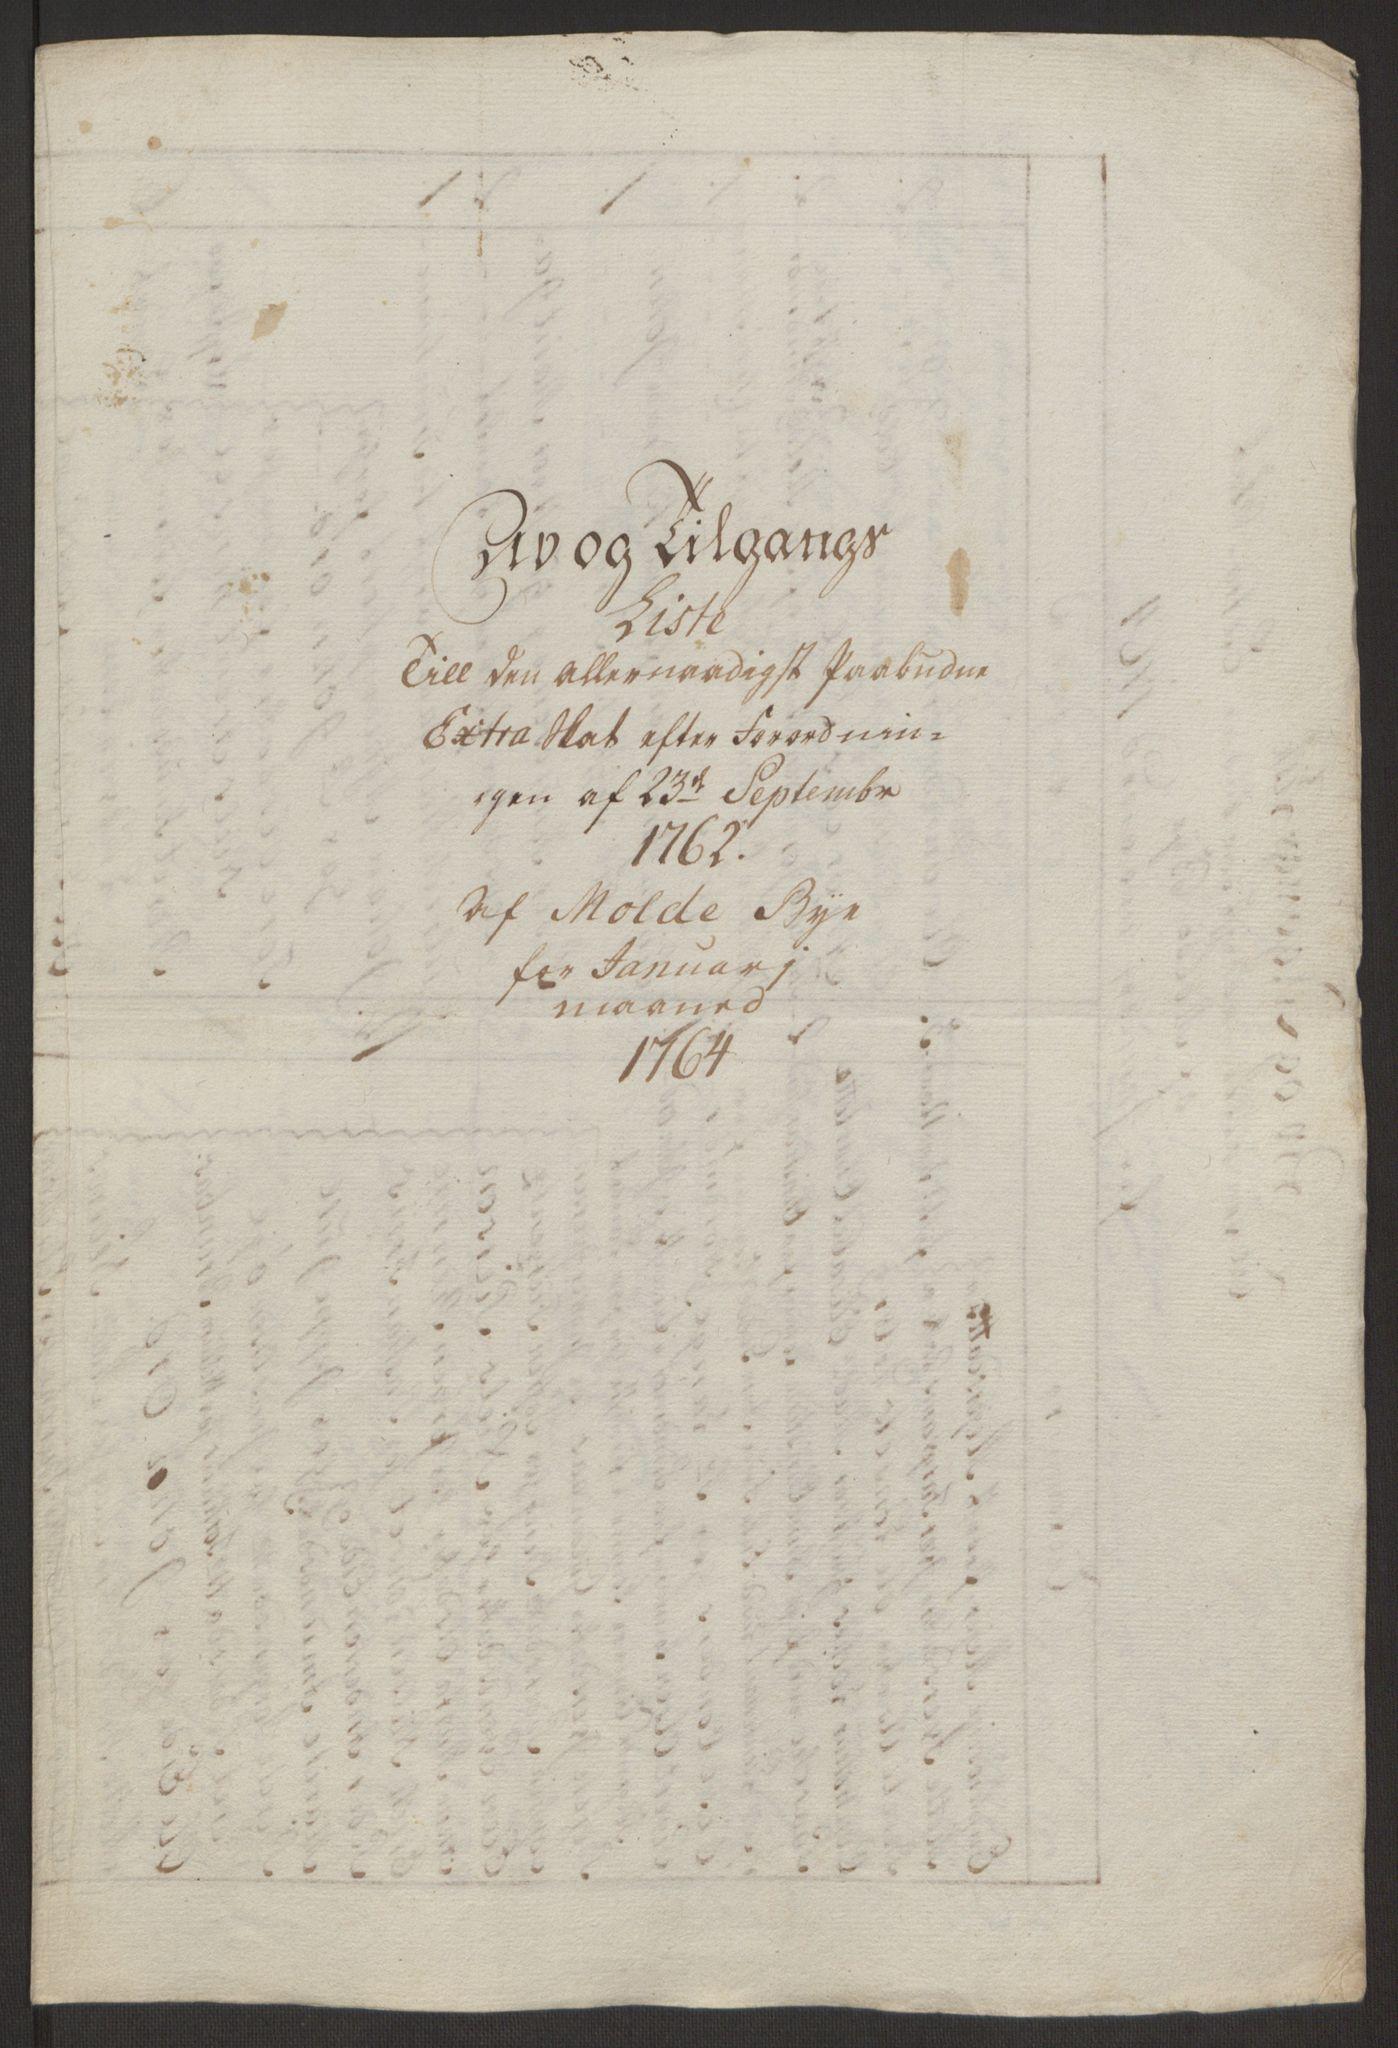 RA, Rentekammeret inntil 1814, Reviderte regnskaper, Byregnskaper, R/Rq/L0487: [Q1] Kontribusjonsregnskap, 1762-1772, s. 72